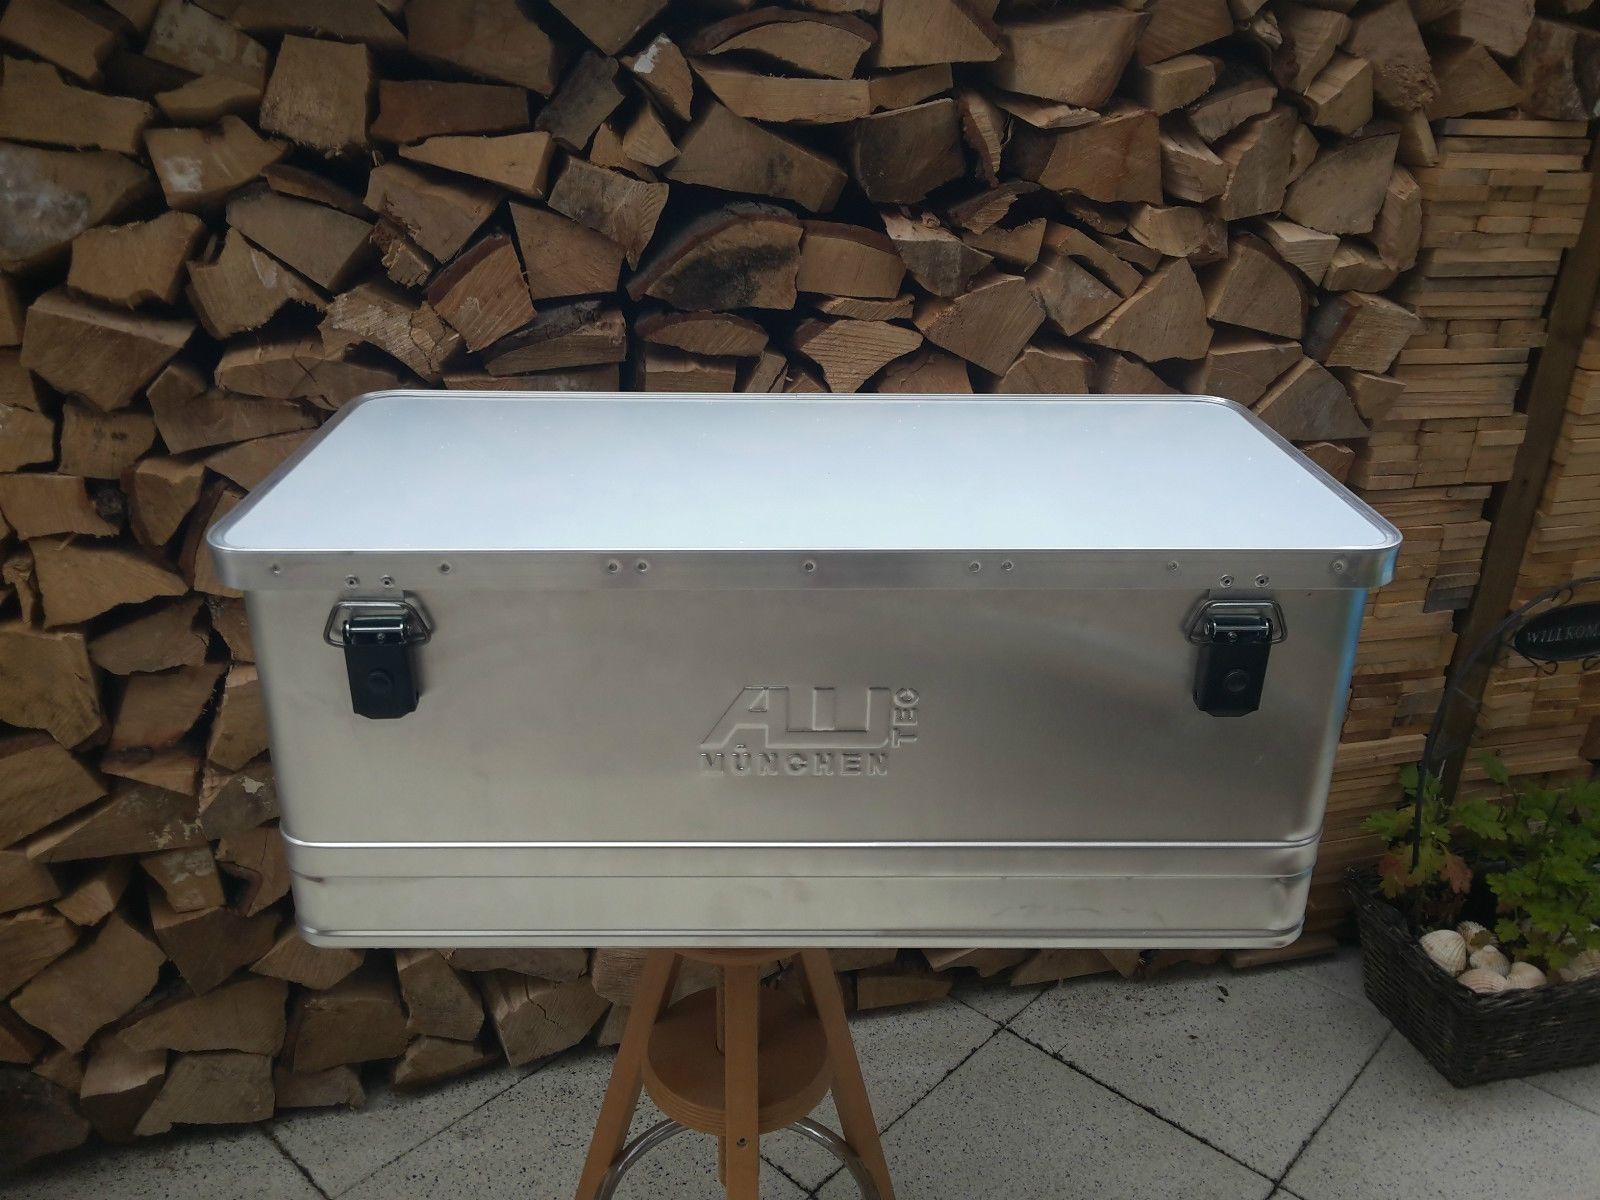 Outdoor Küche Camping : Mobile camping küchenbox caddy tramper u a outdoorküche